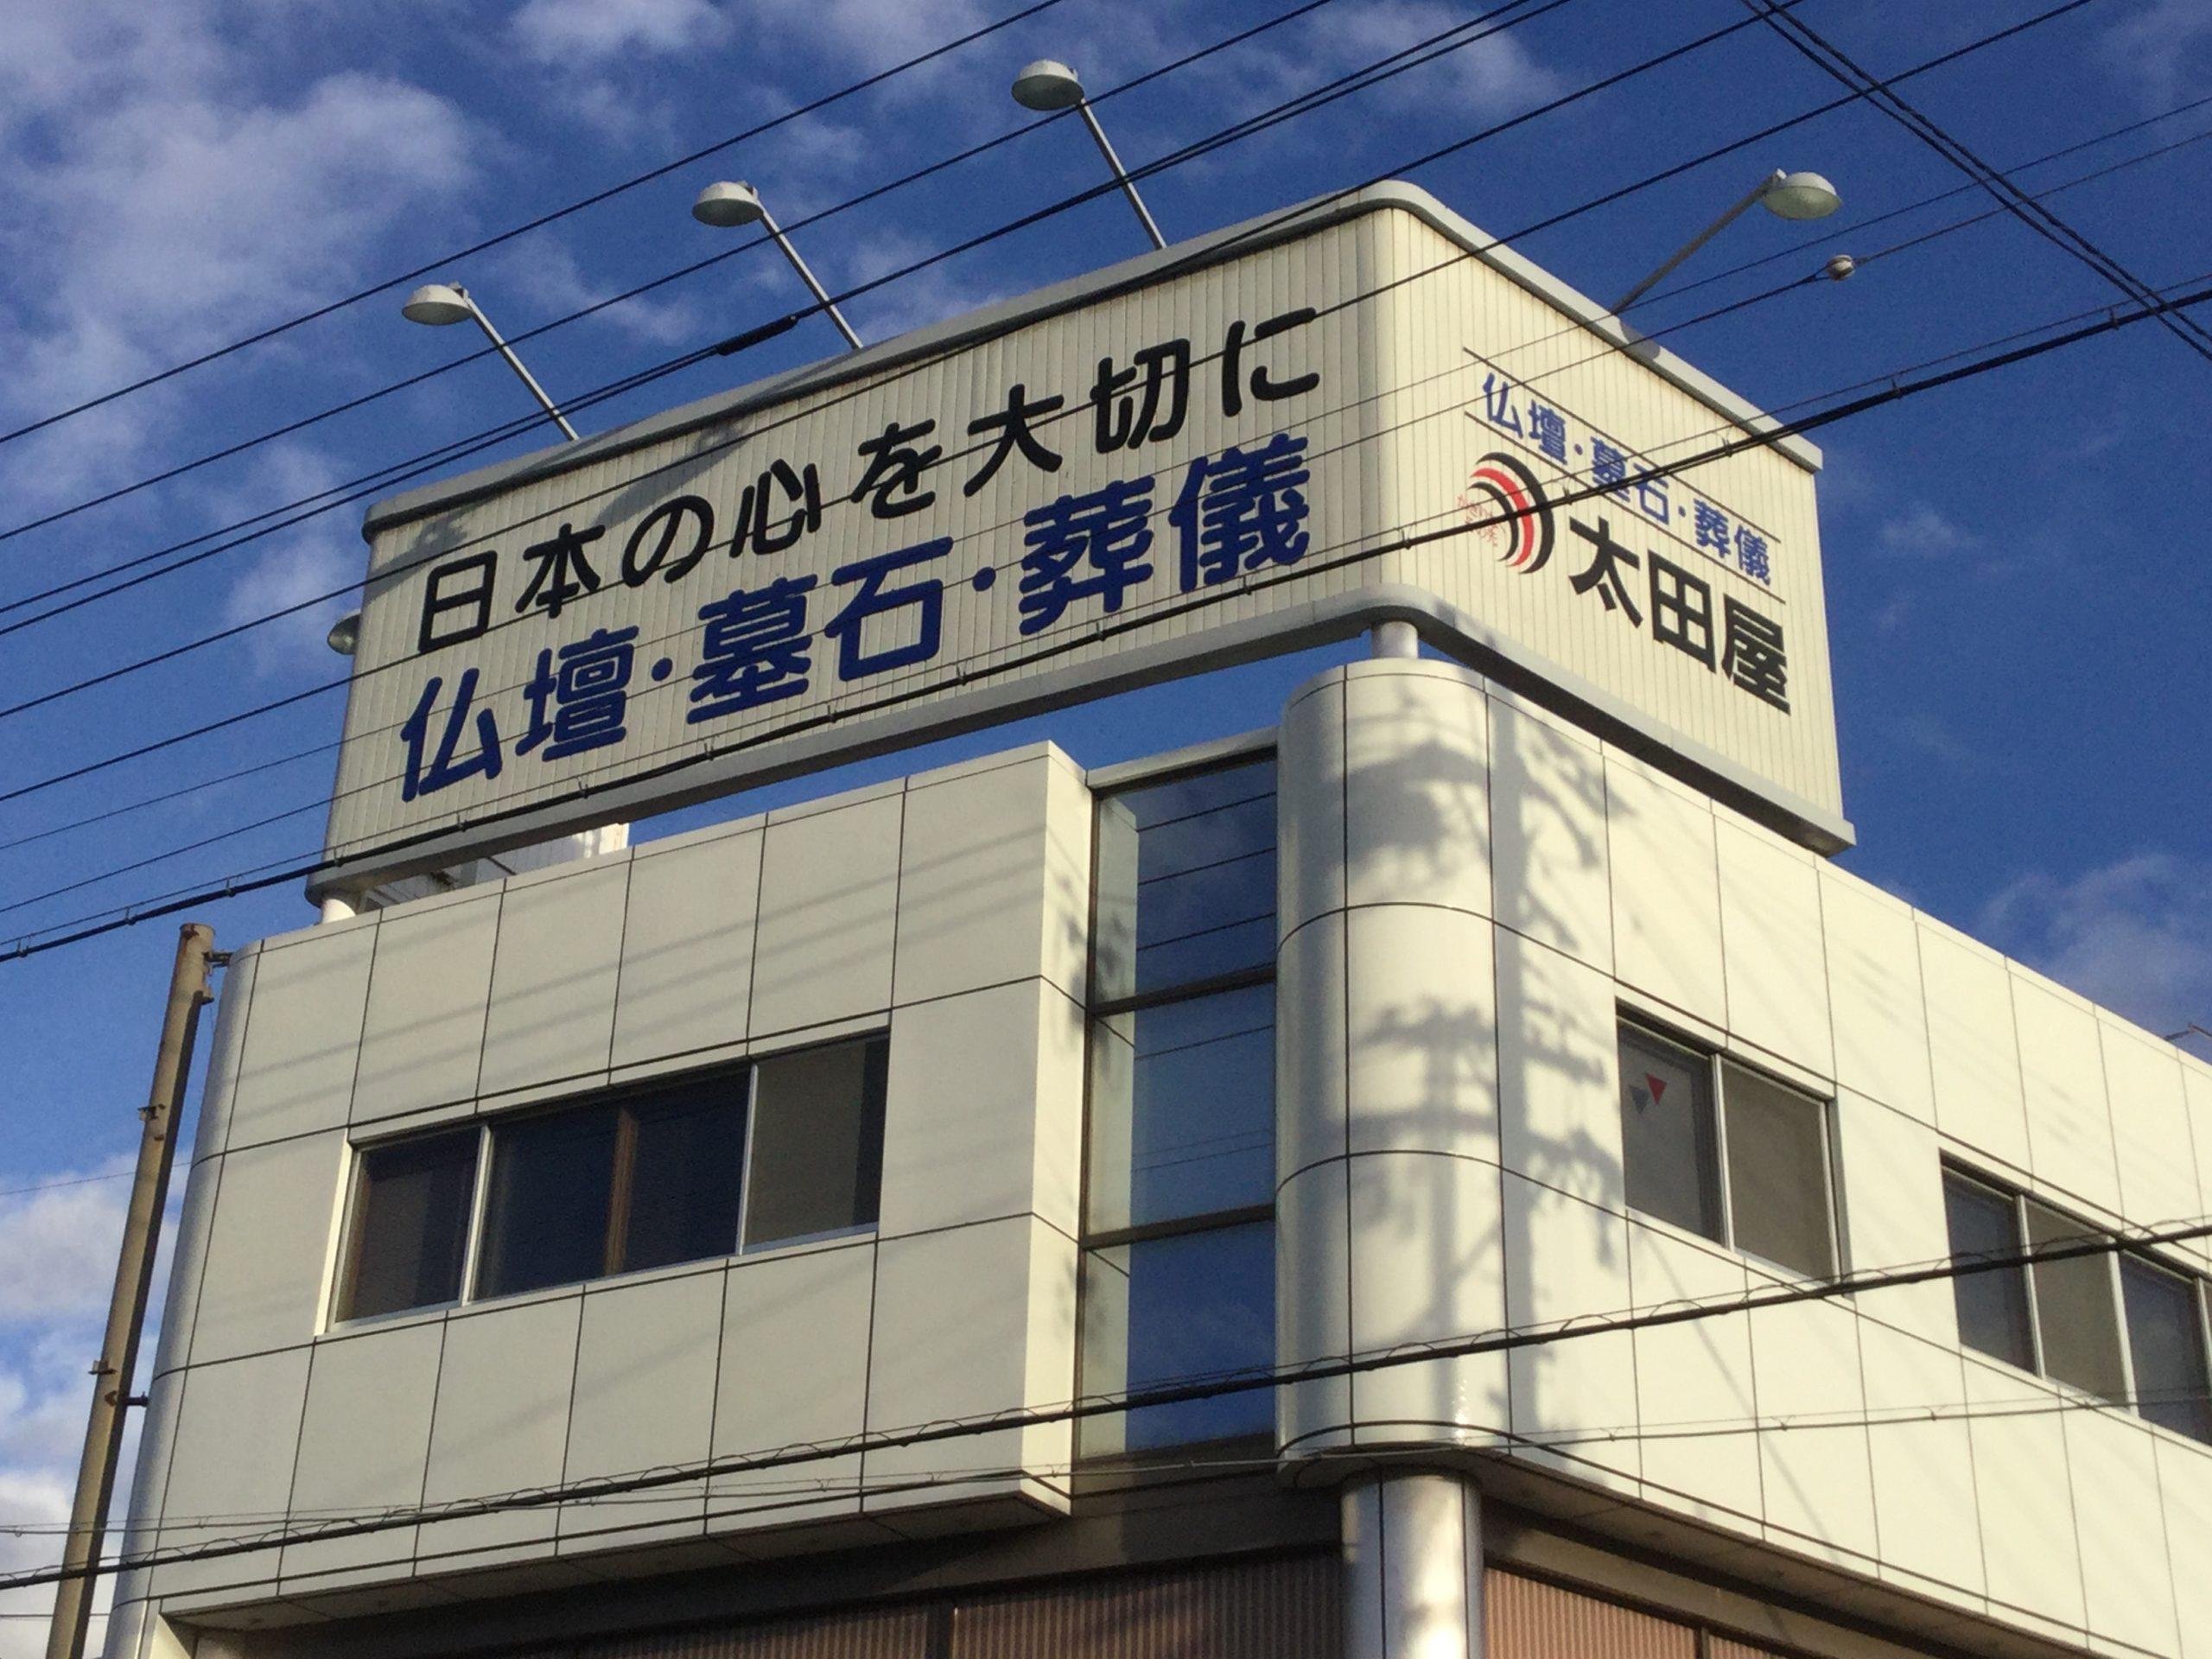 太田屋岡谷本町店の看板